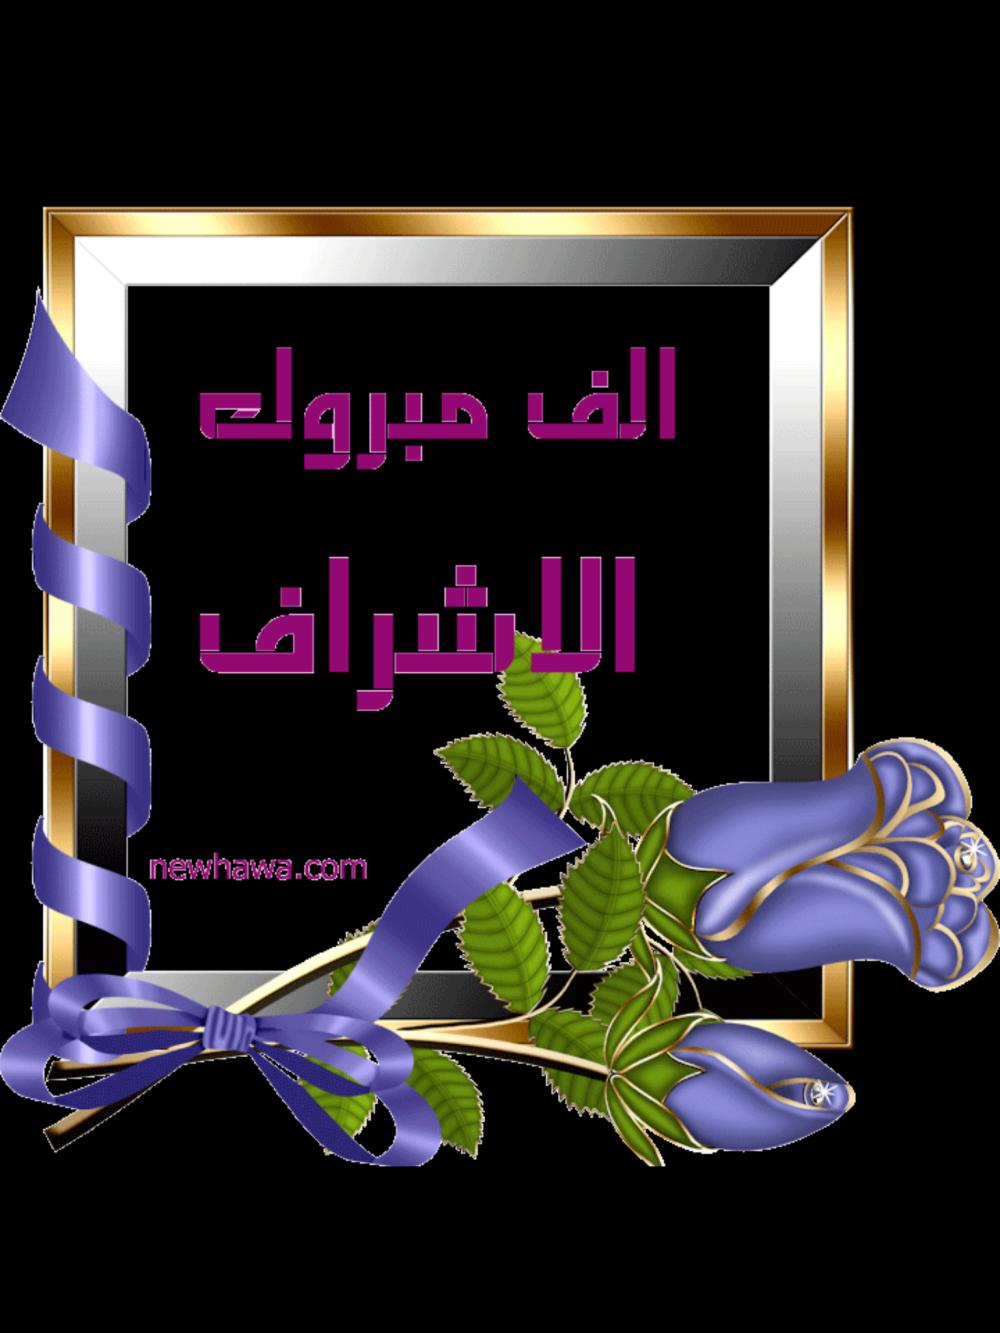 تهنئه خاصه لـ عآشقة الف مبروك الإشراف عالم حواء